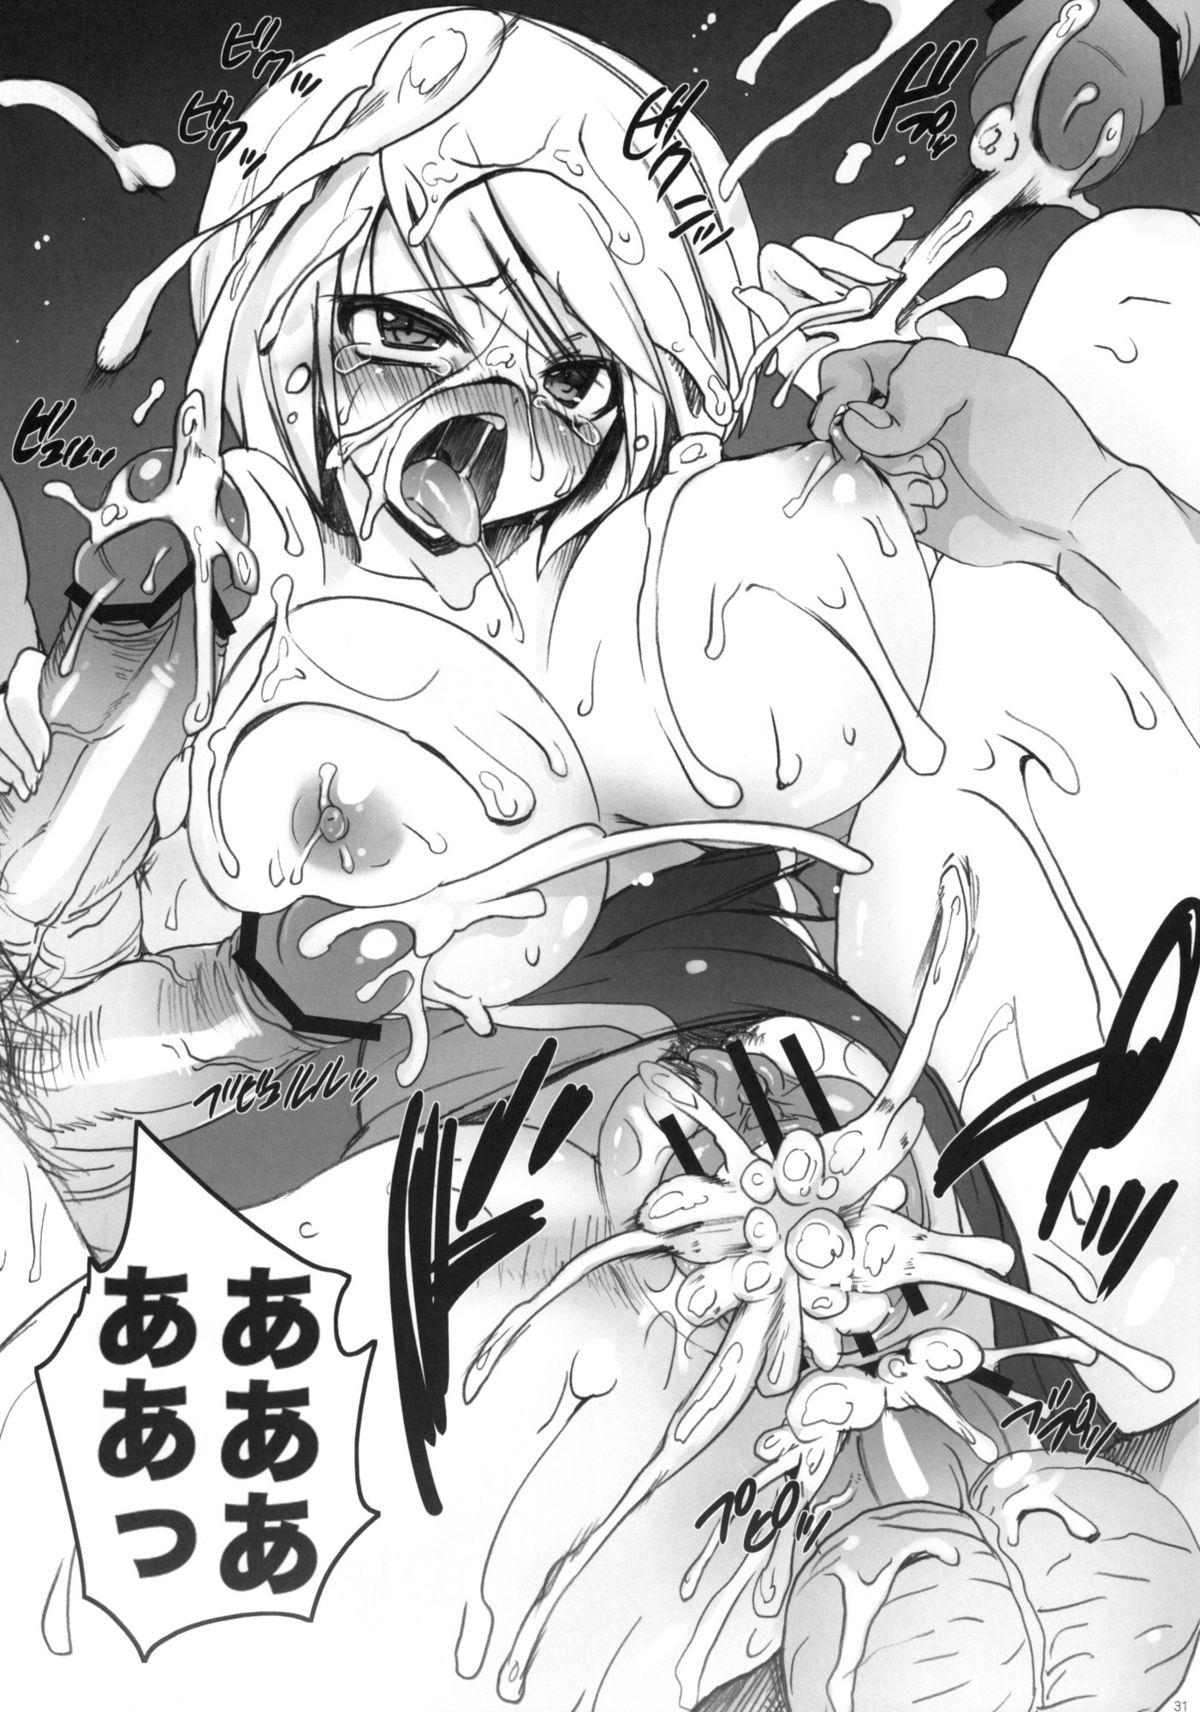 勝ち気な巨乳JKがスクール水着姿で輪姦凌辱される!?!?【エロ漫画・エロ同人】 (30)